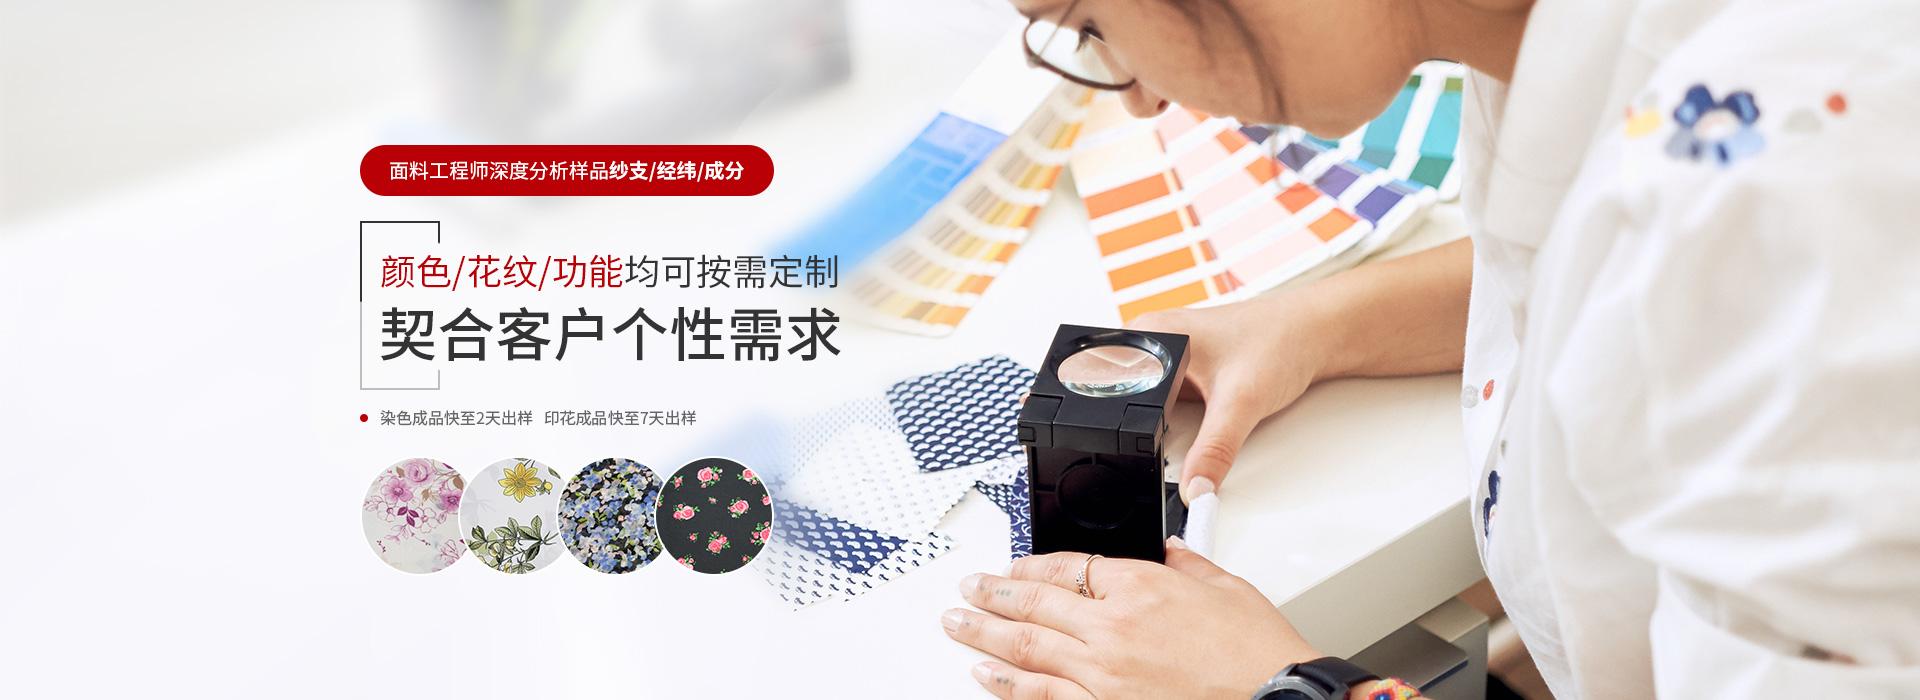 新成纺织面料工程师深度分析样品纱支/经纬/成分